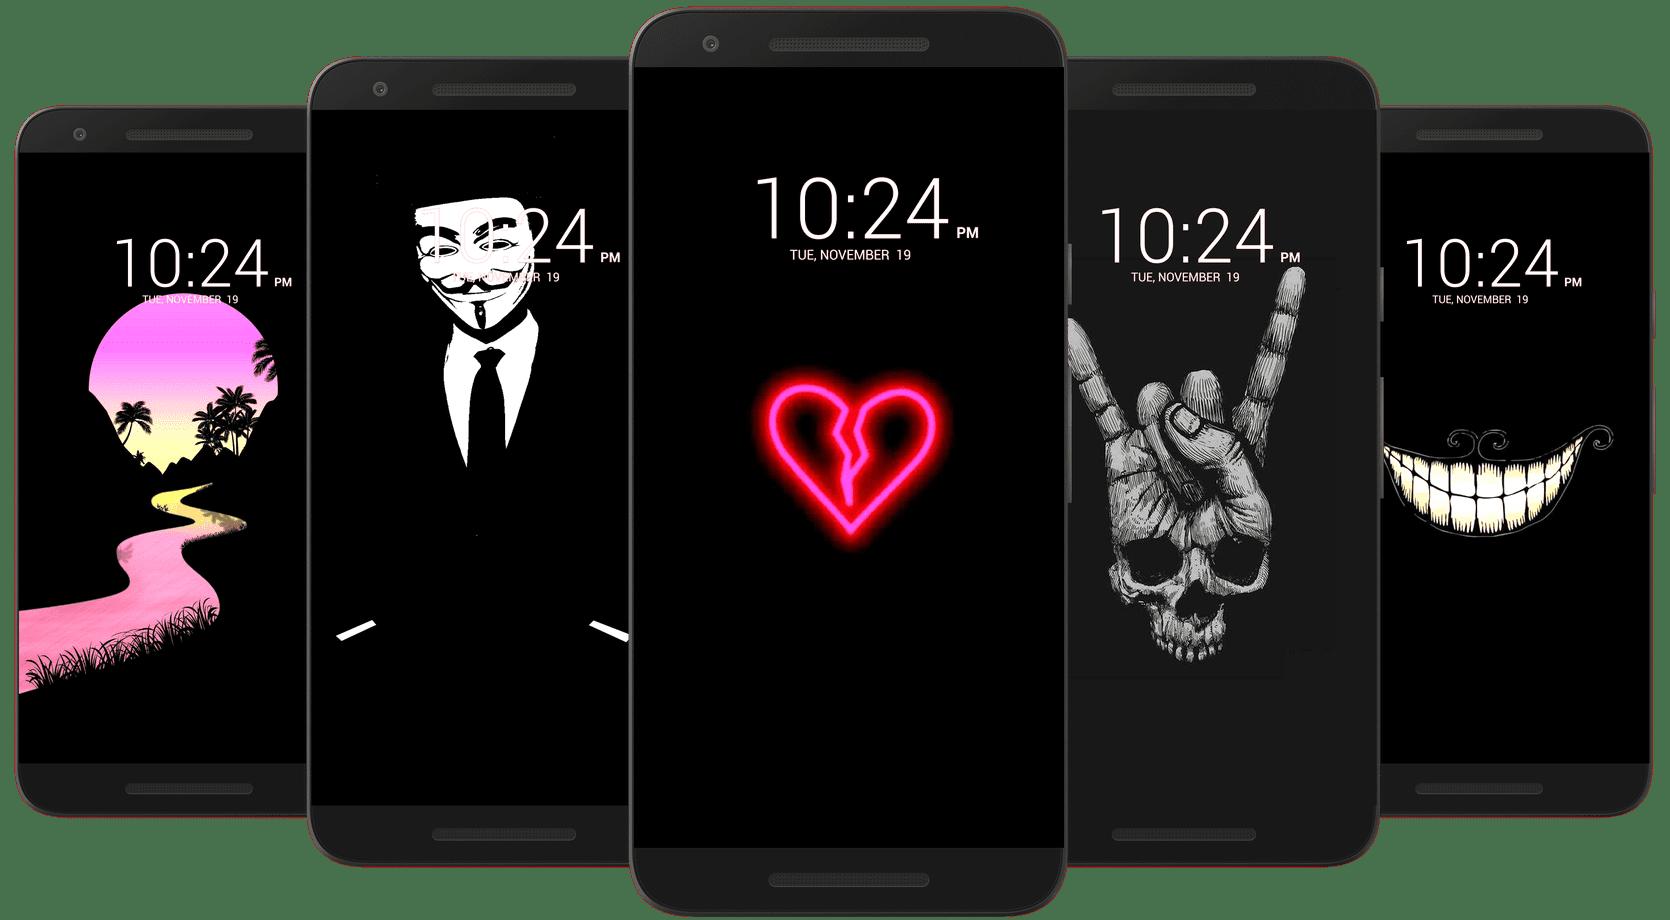 Chernye скриншот 4